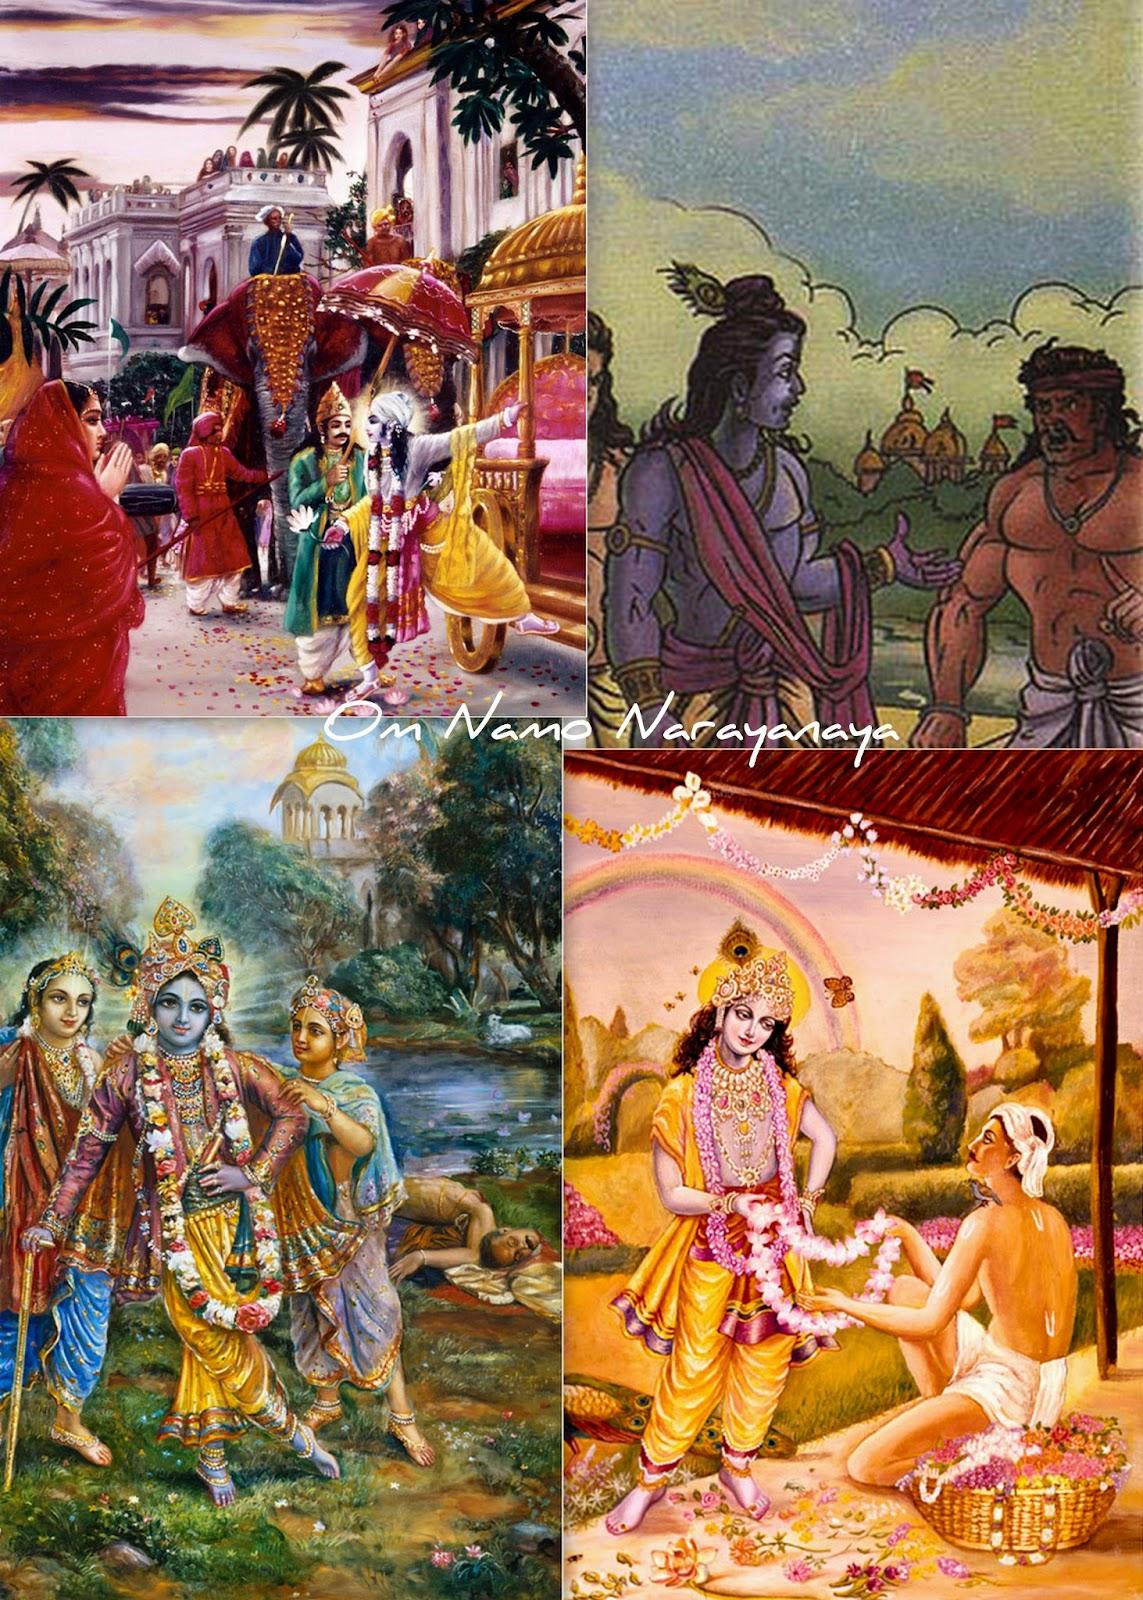 கண்ணன் கதைகள் (54) - மதுரா நகரப்ரவேசம்,கண்ணன் கதைகள், குருவாயூரப்பன் கதைகள்,